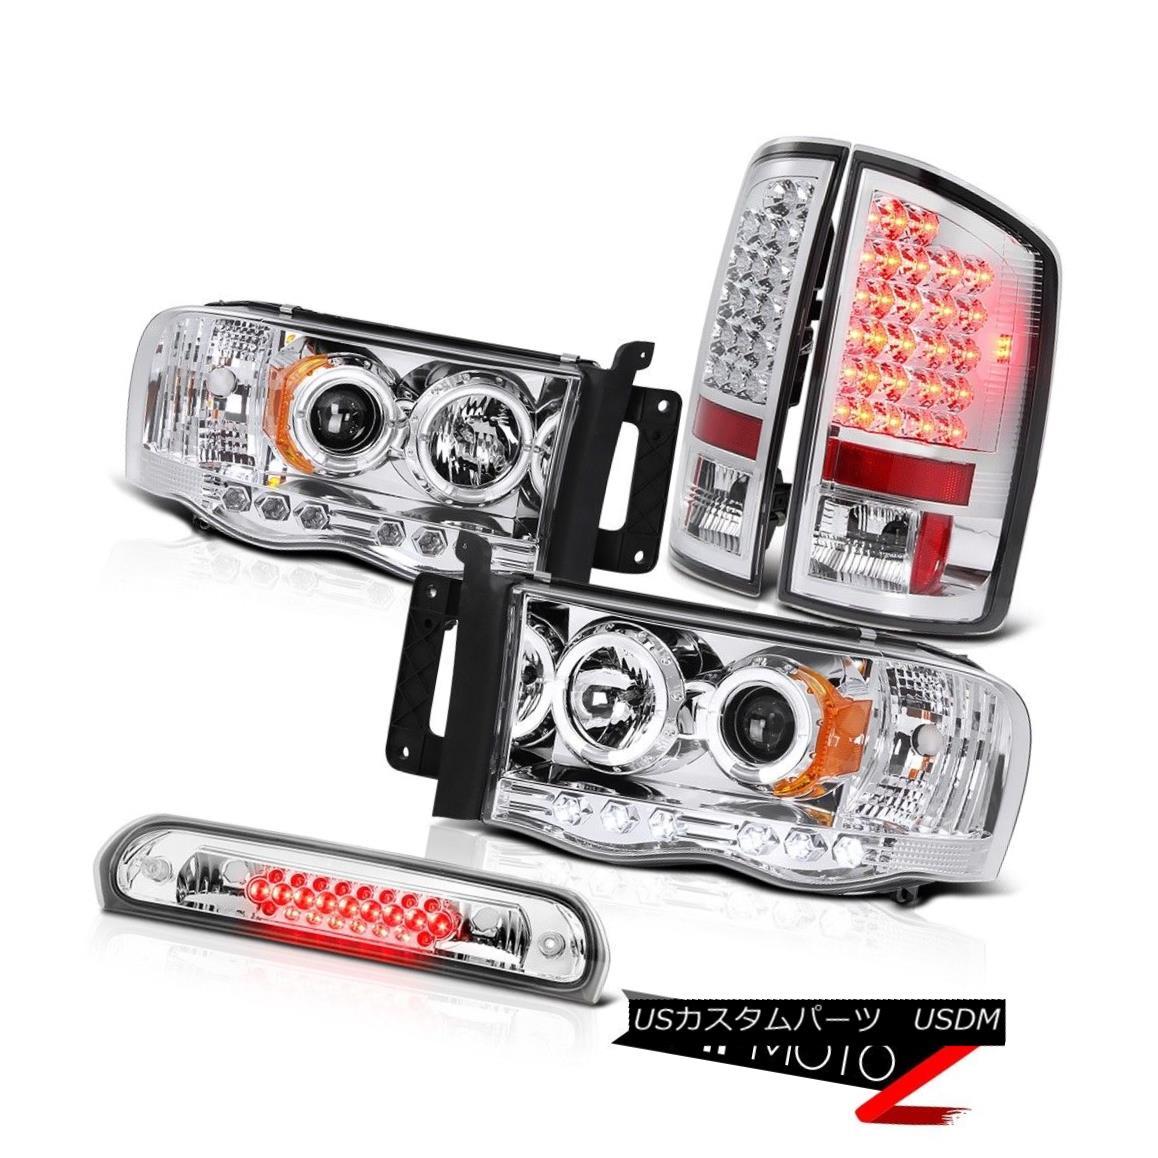 ヘッドライト Euro Halo LED Headlights Bulb Brake Tail Lights High Cargo 02-05 Ram TurboDiesel ユーロHalo LEDヘッドライトバルブブレーキテールライトハイカーゴ02-05 Ram TurboDiesel